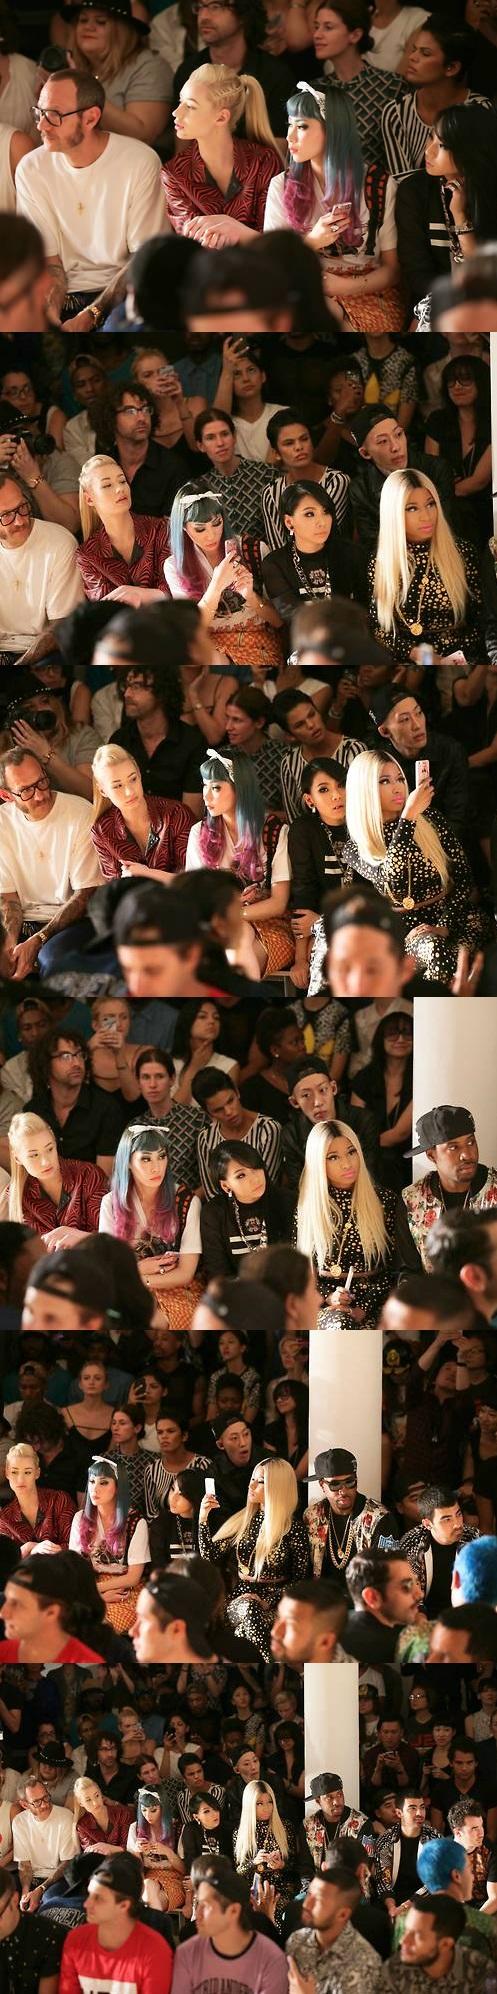 CL (2NE1) & Yanggaeng with Terry Richardson, Iggy Azalea ...